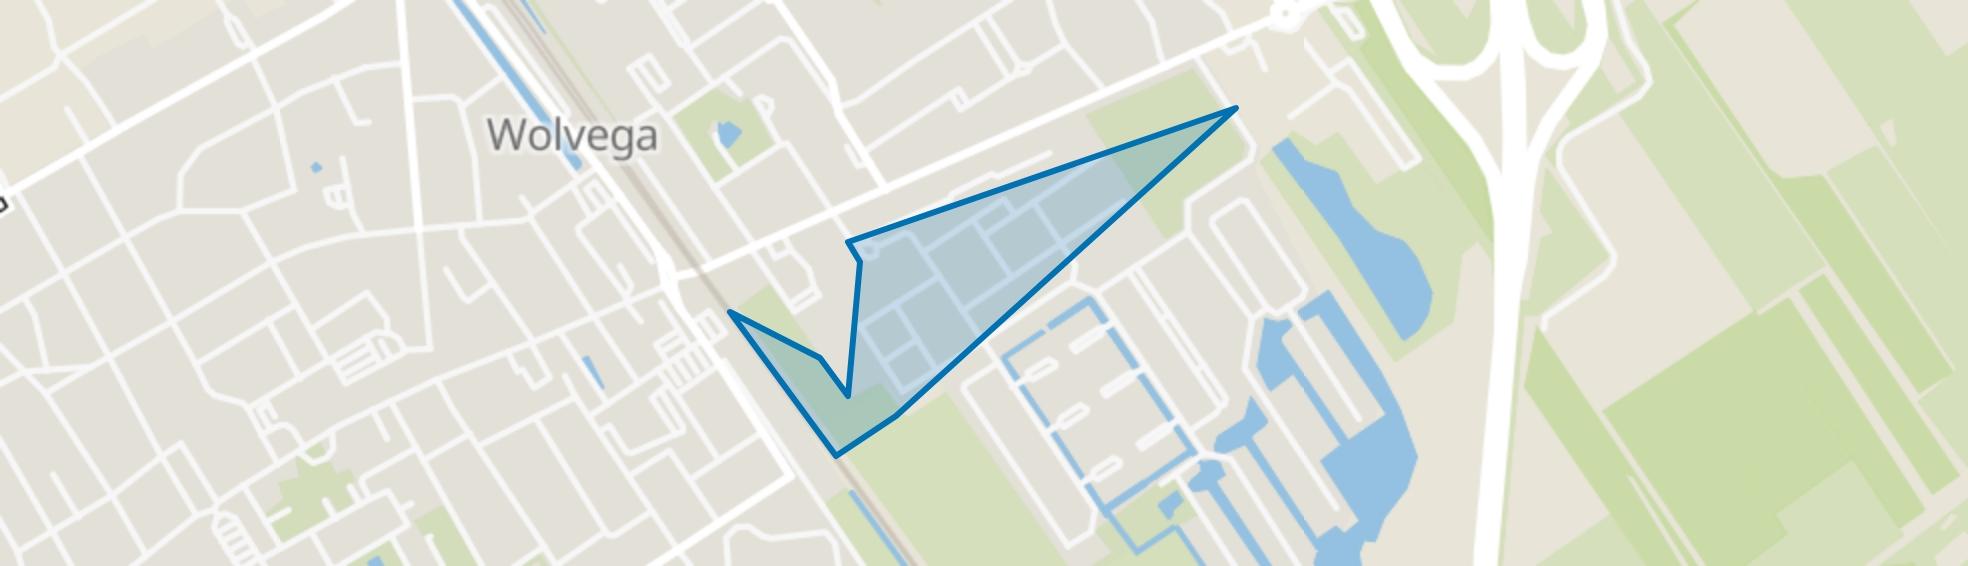 Wolvega-Vlinderwijk, Wolvega map